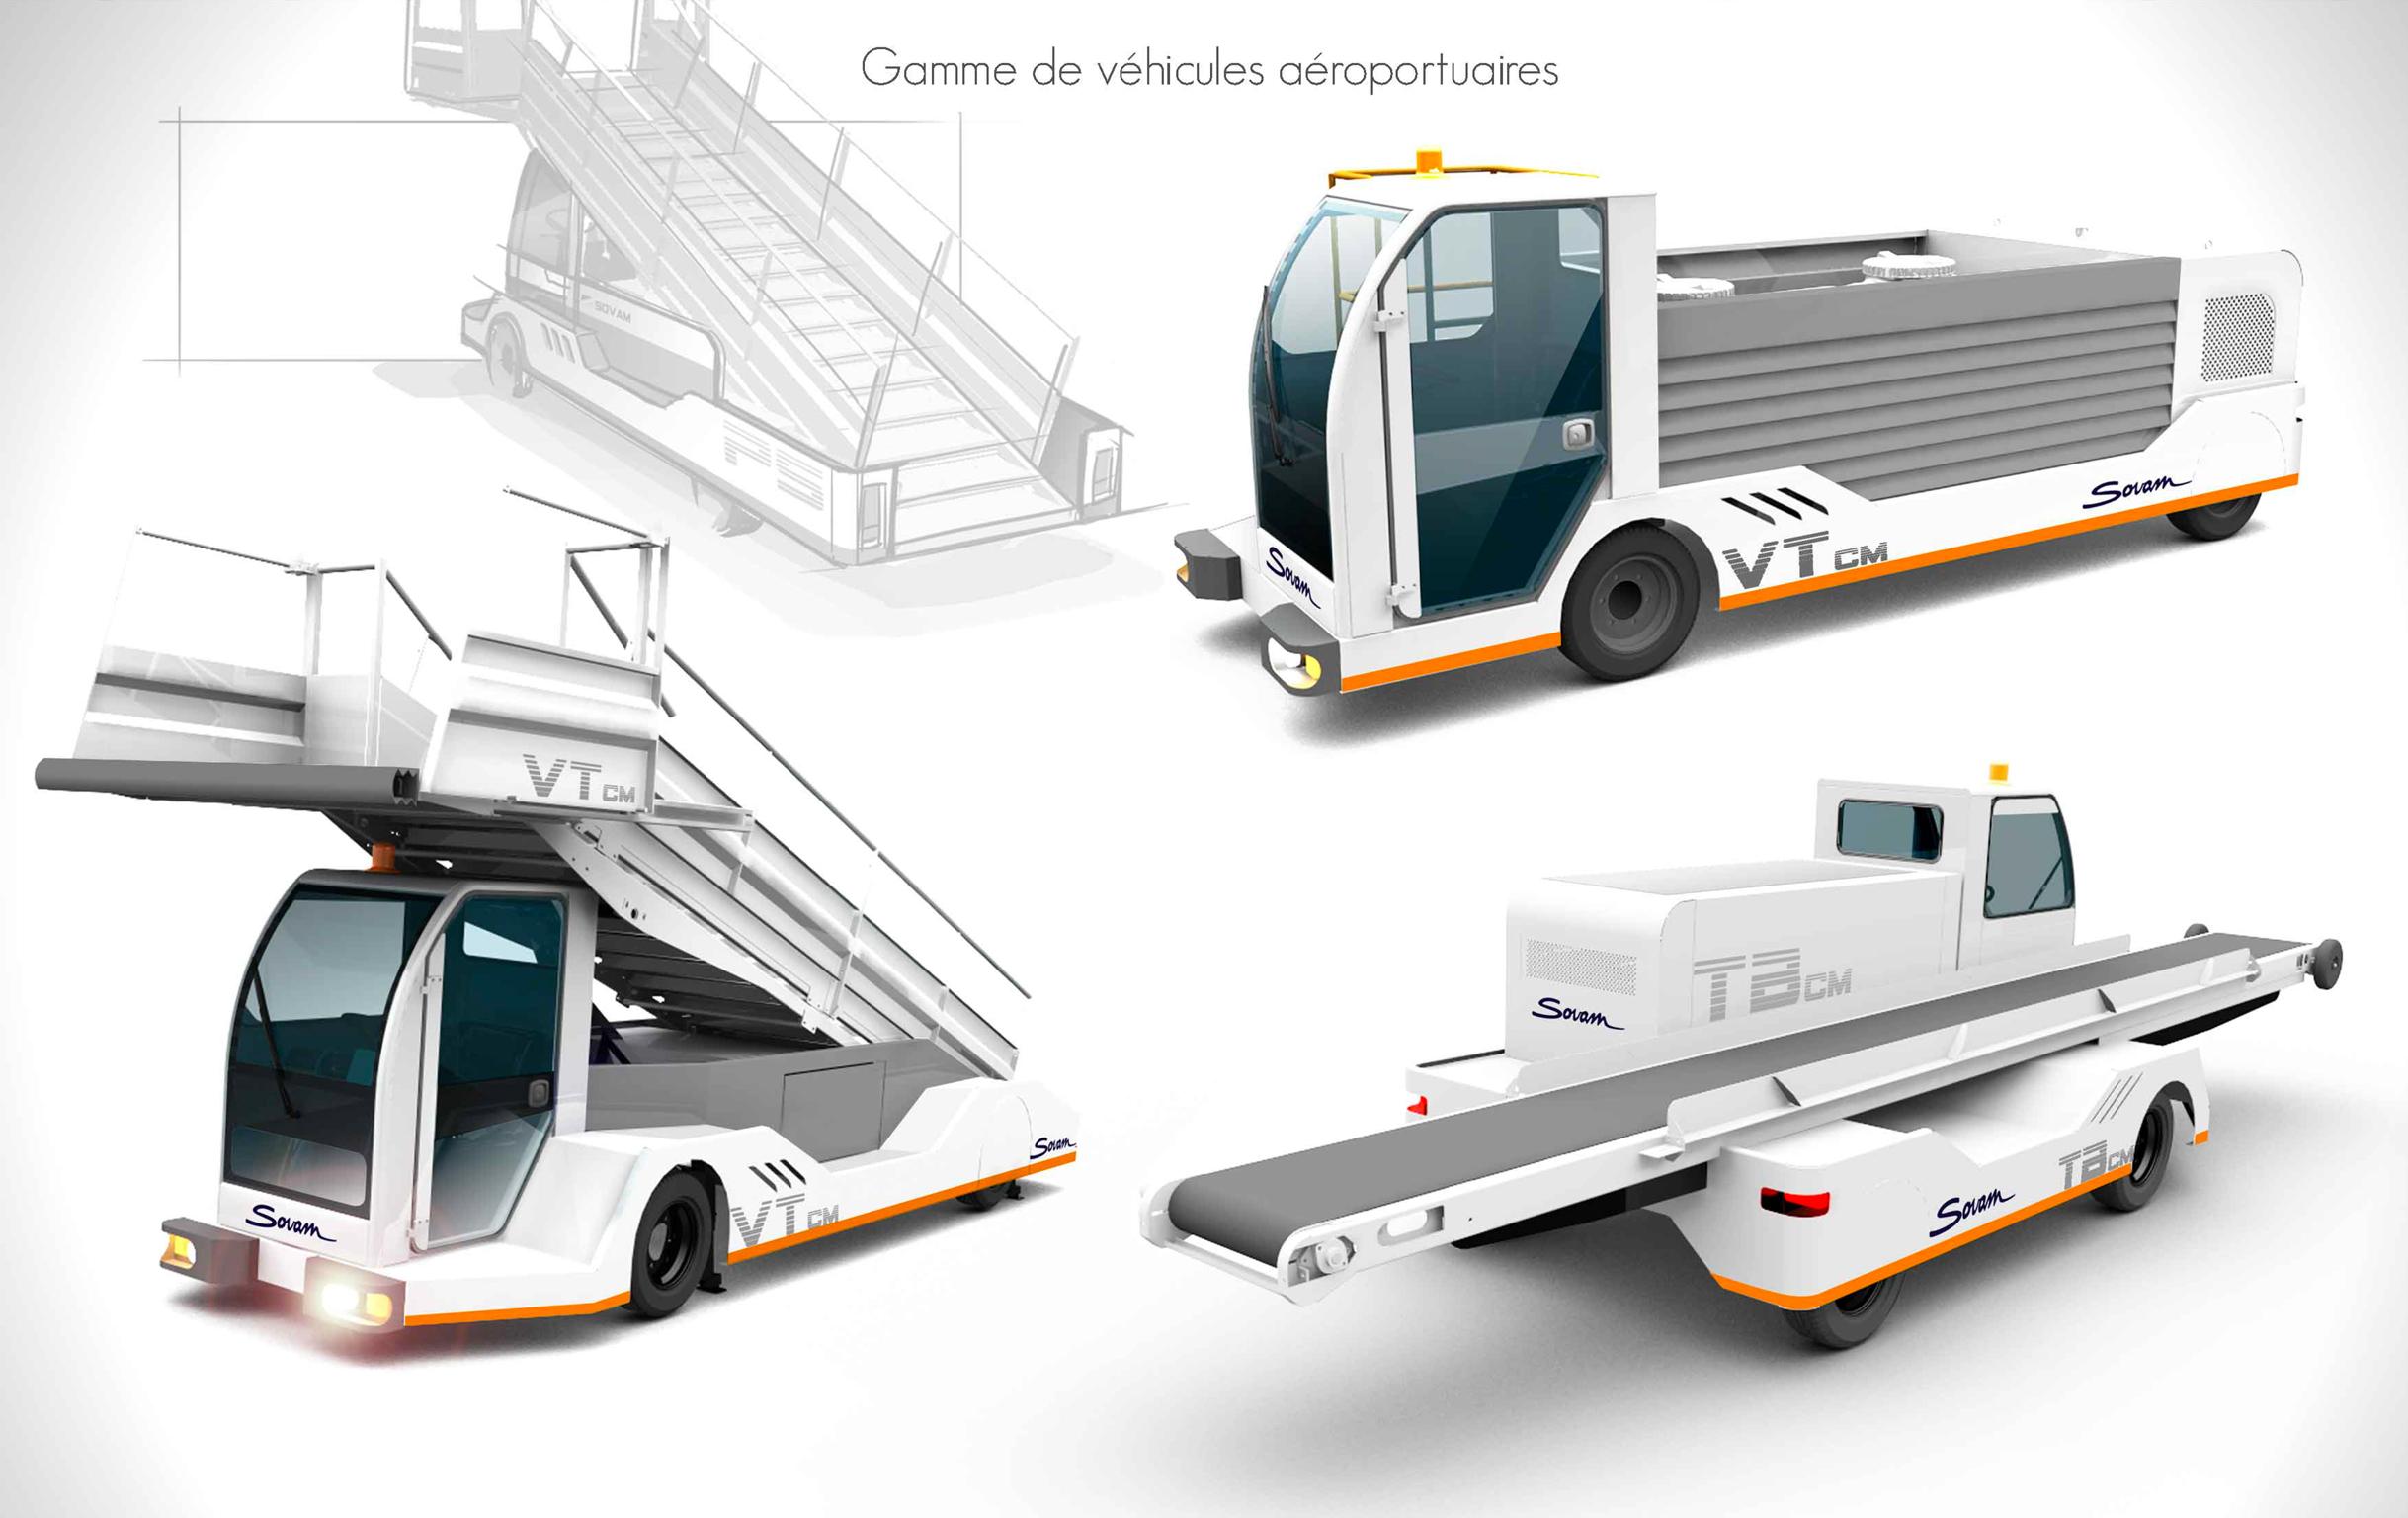 Design-design-industriel-design-industriel-produit-design-industriel-mobilité-étude-technique-faisabilité-agence-design-industriel-Bordeaux-LaRochelle